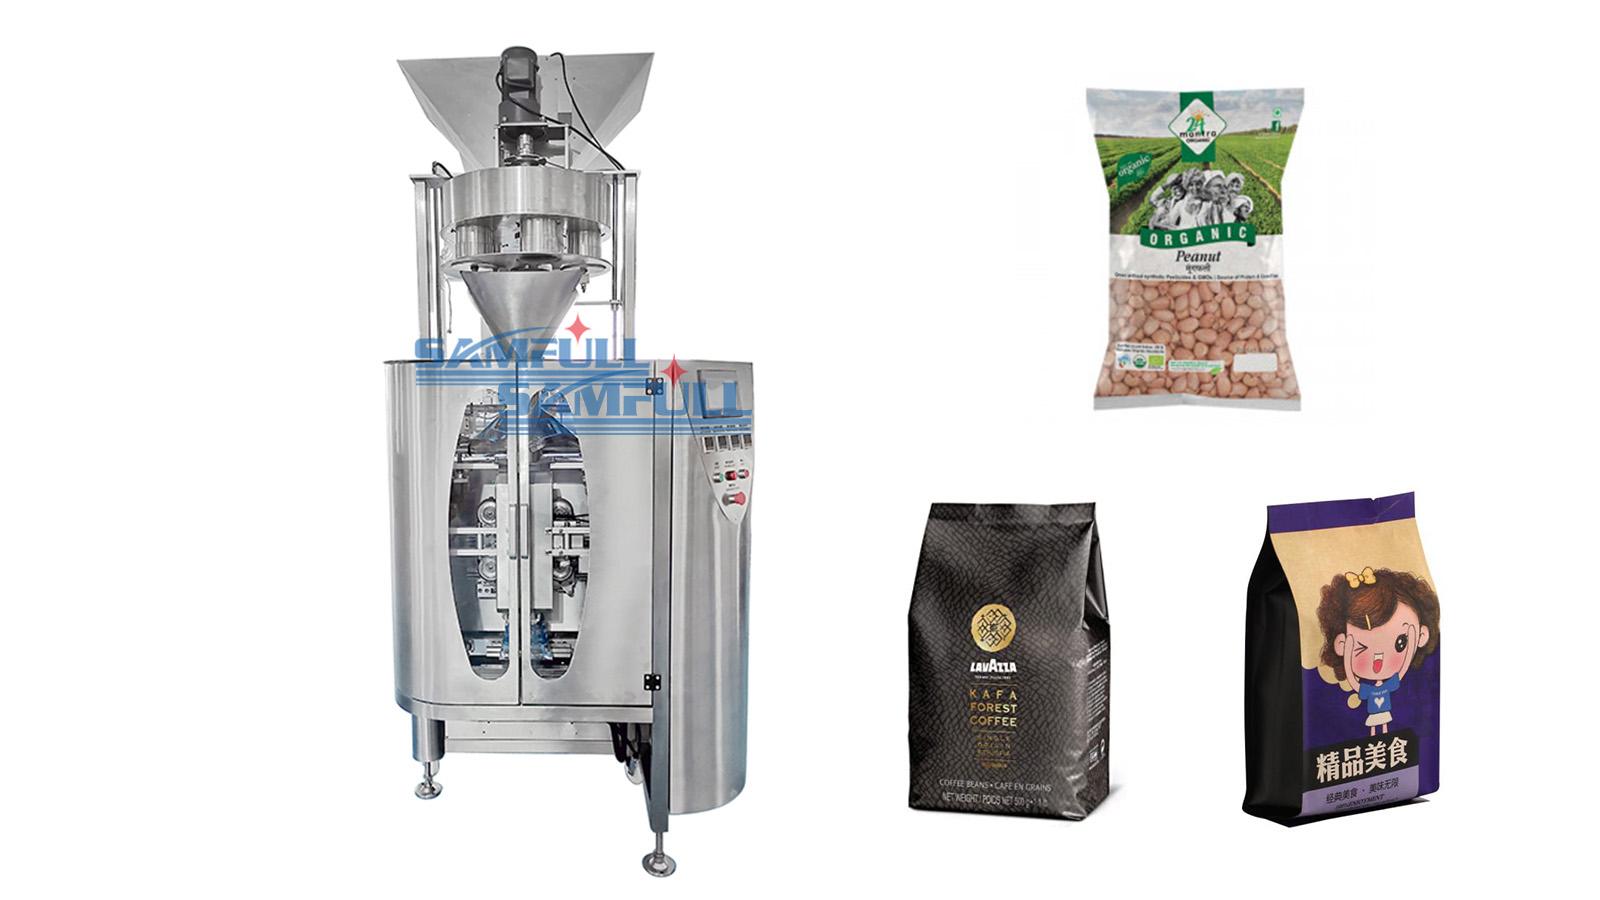 Tam otomatik 1kg 2kg buğday manyok un torba toz paketleme makinesi fiyat un değirmeni makineleri